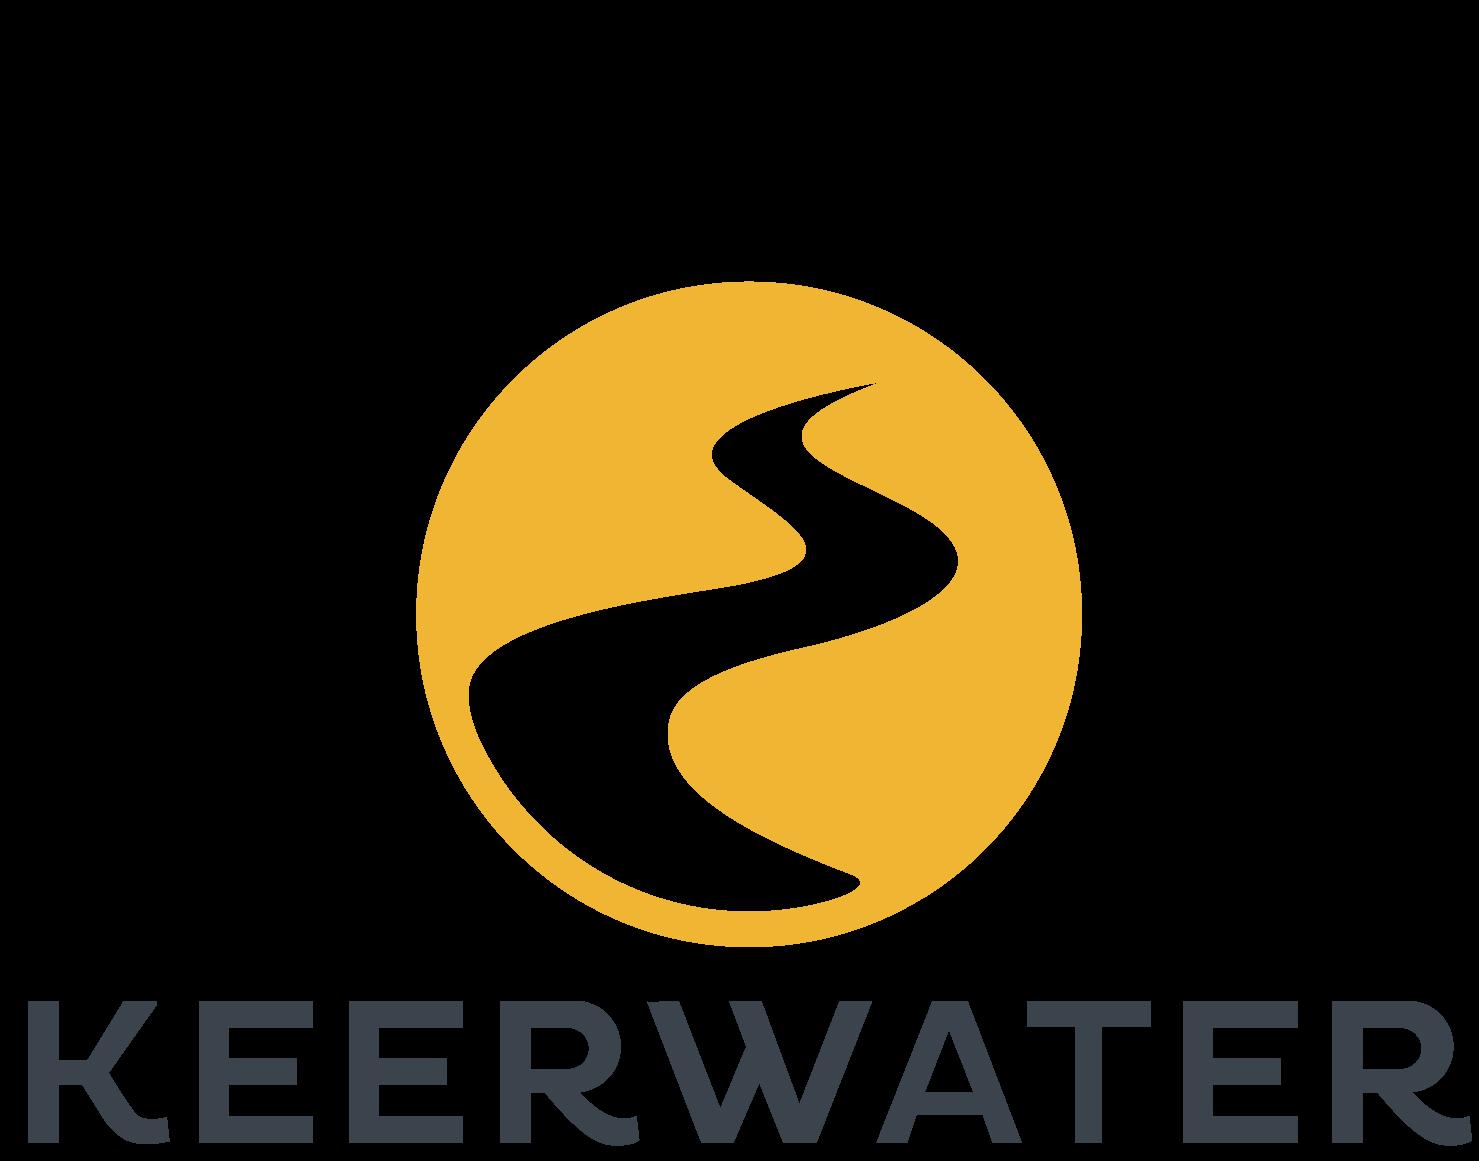 Keerwater Logo